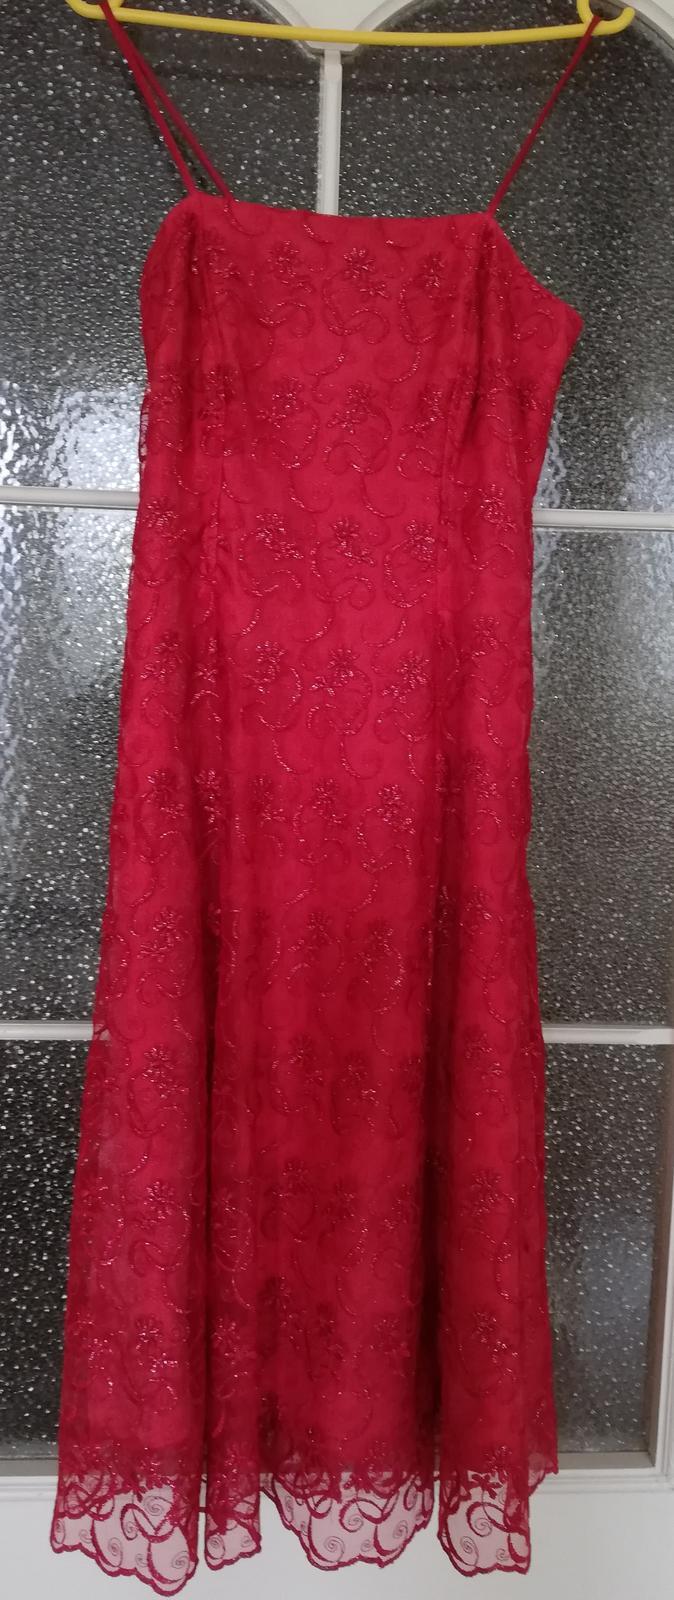 Spoločenské šaty s čipkou - Obrázok č. 4